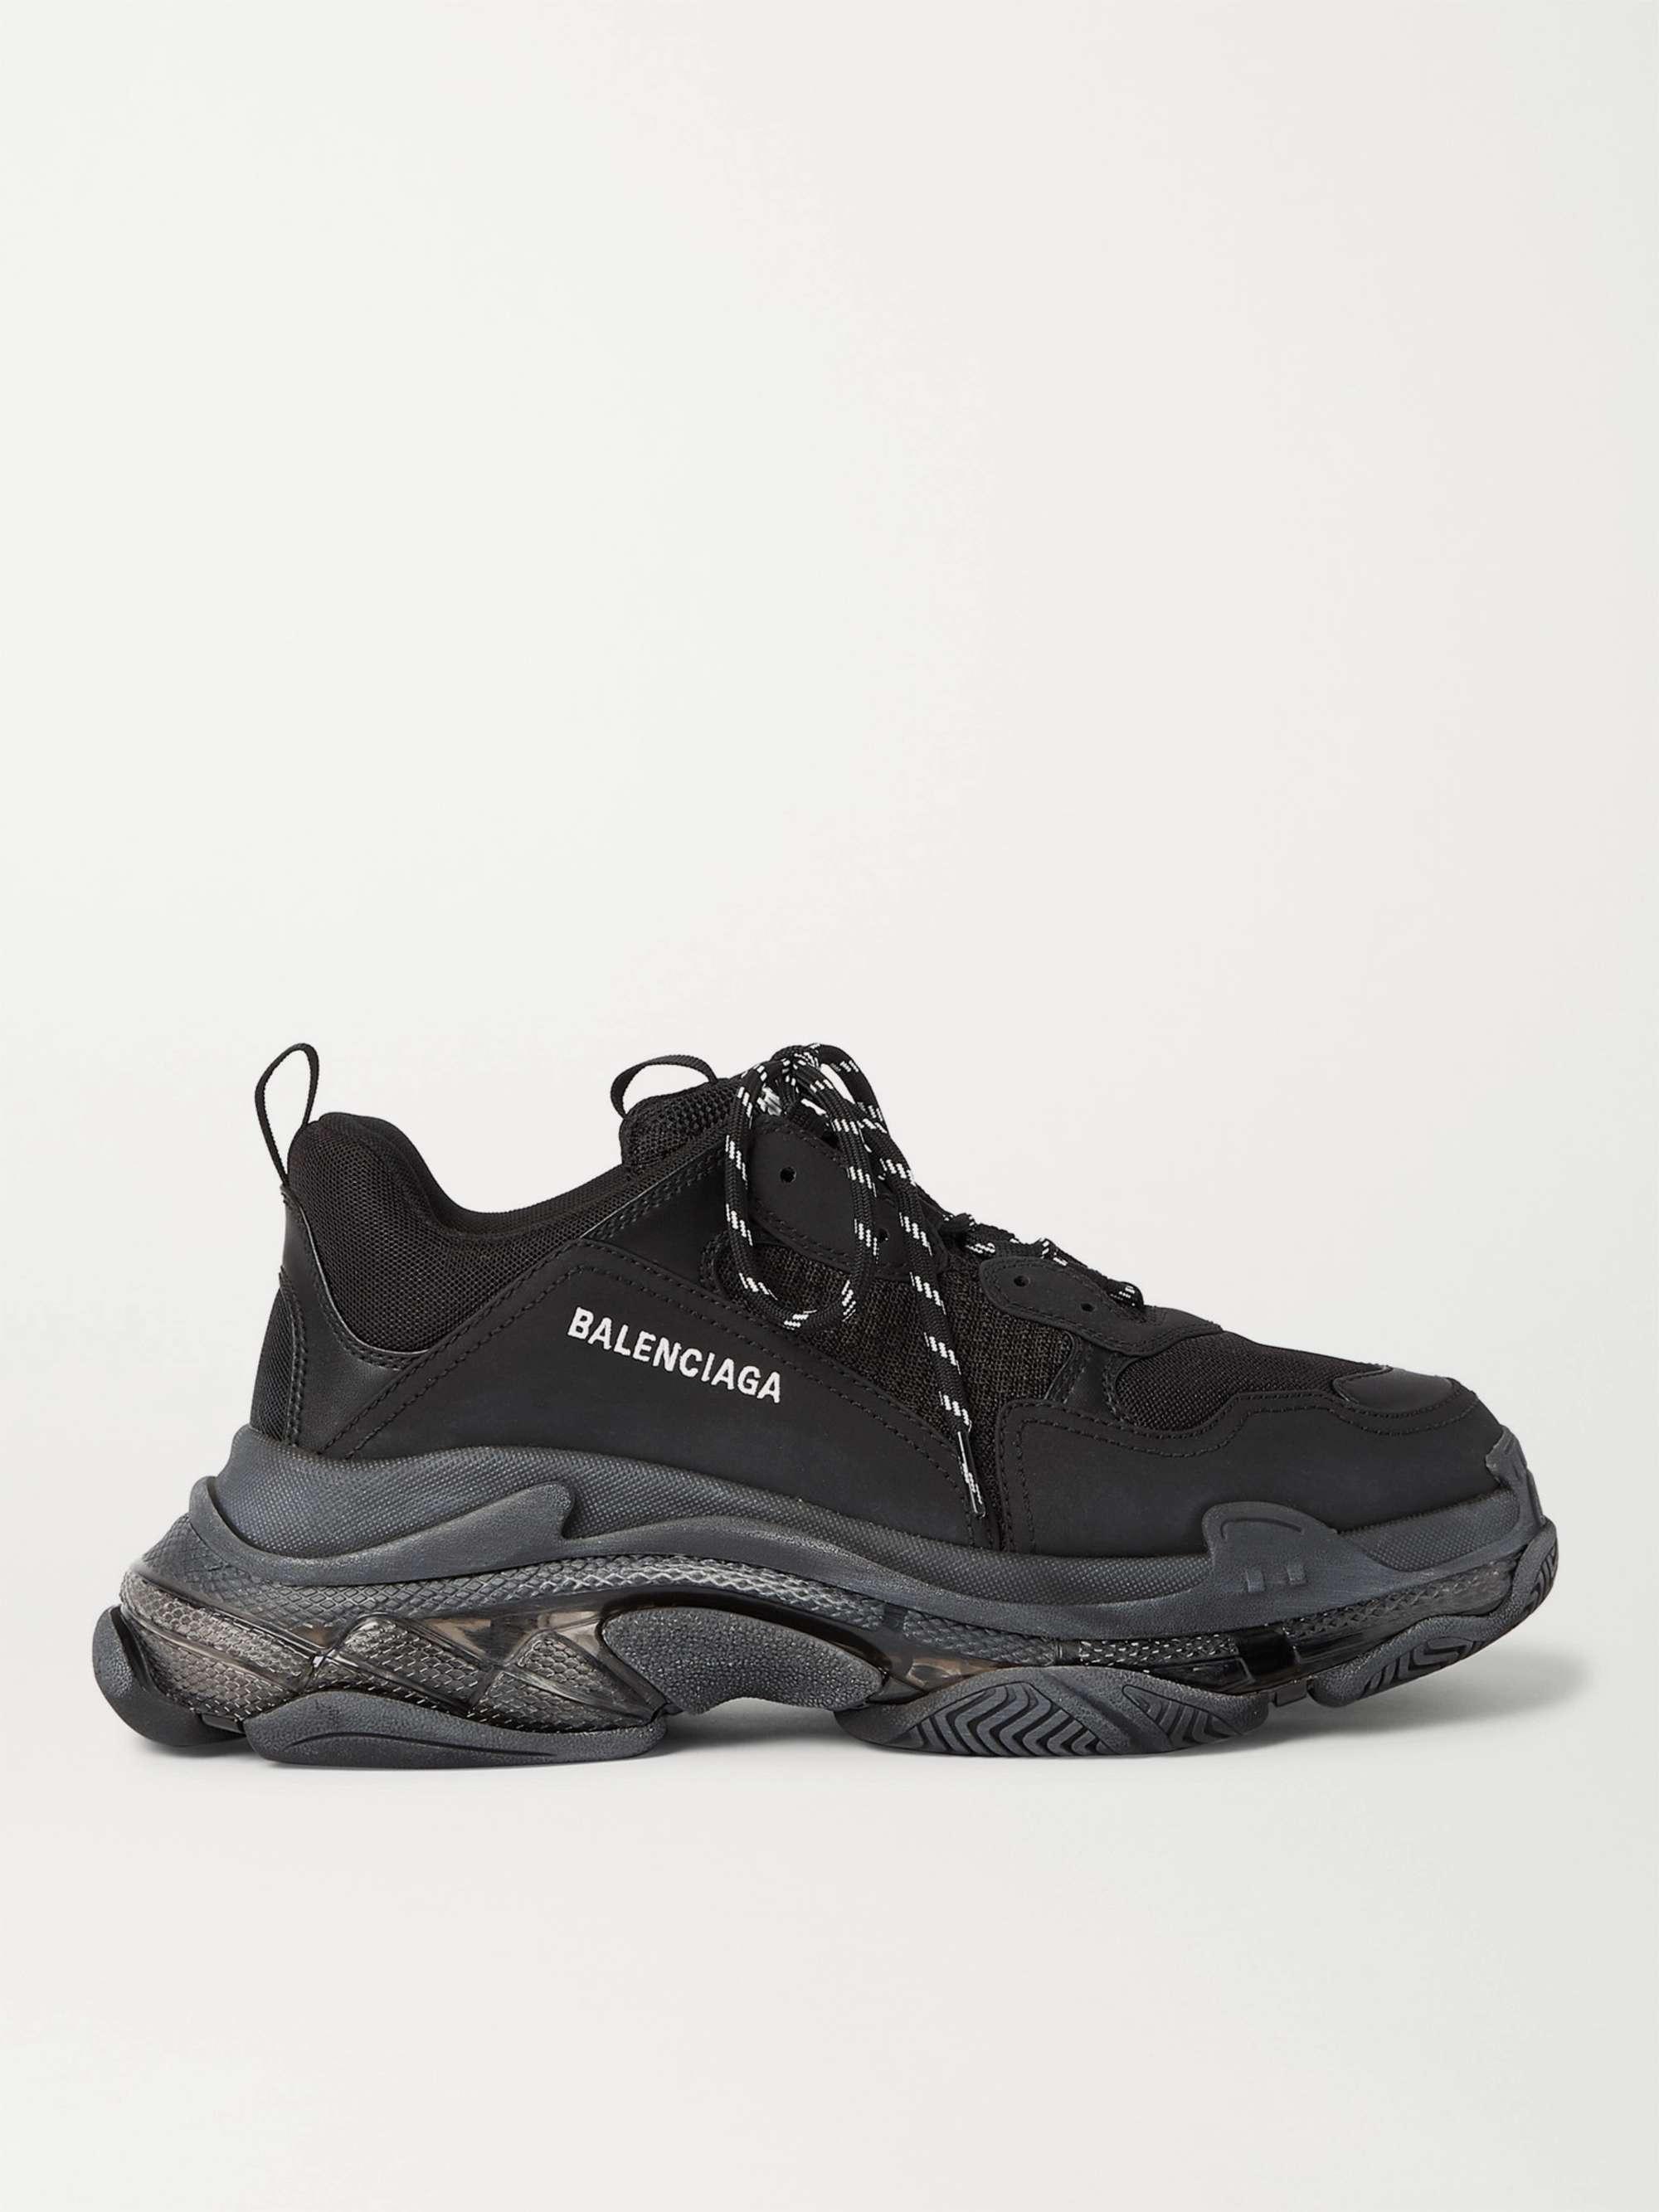 발렌시아가 트리플S 남성용 Balenciaga Triple S Clear Sole Mesh Nubuck and Leather Sneakers,Black